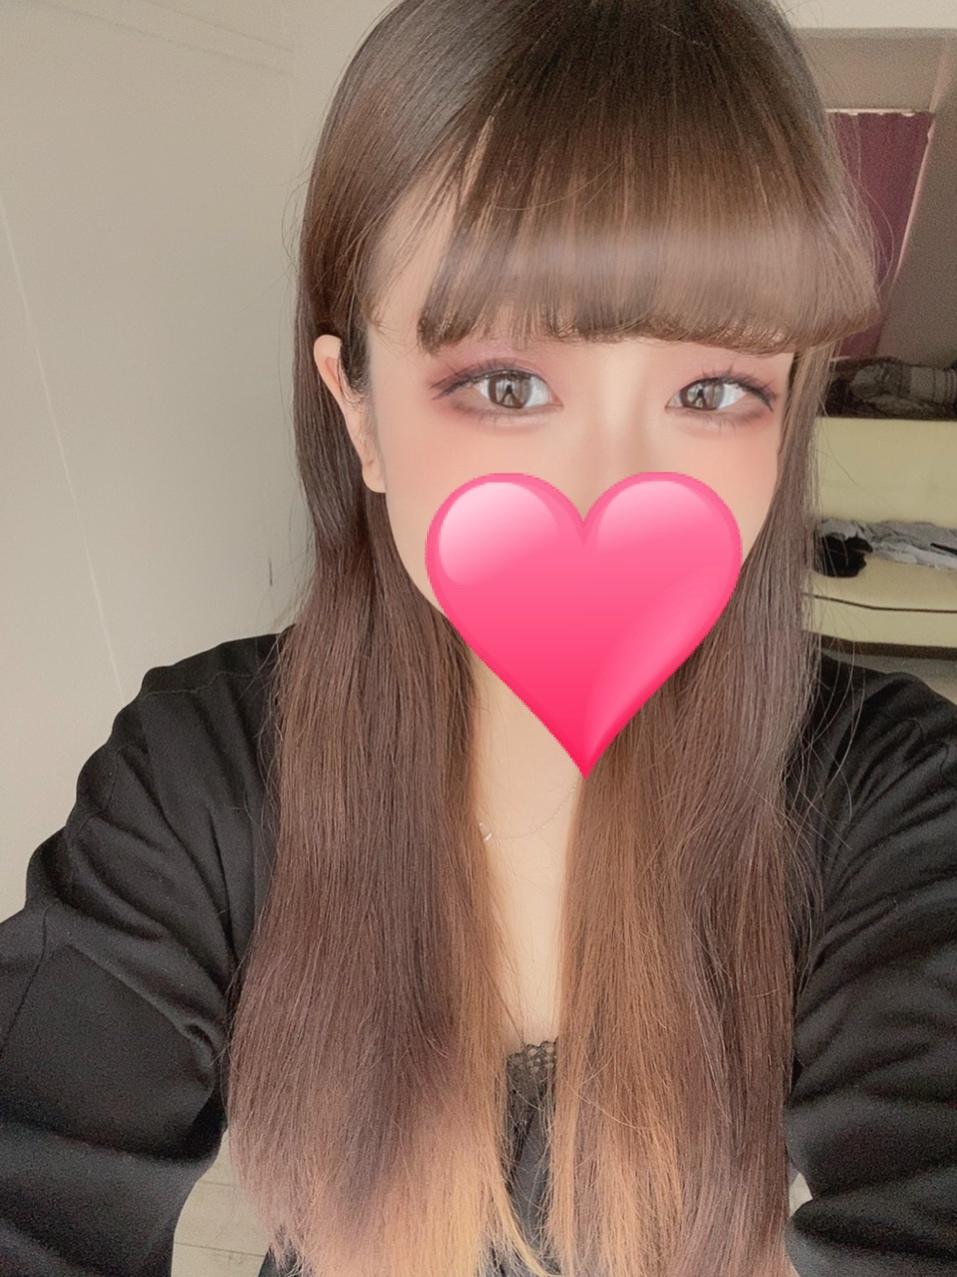 ツカサ(19)